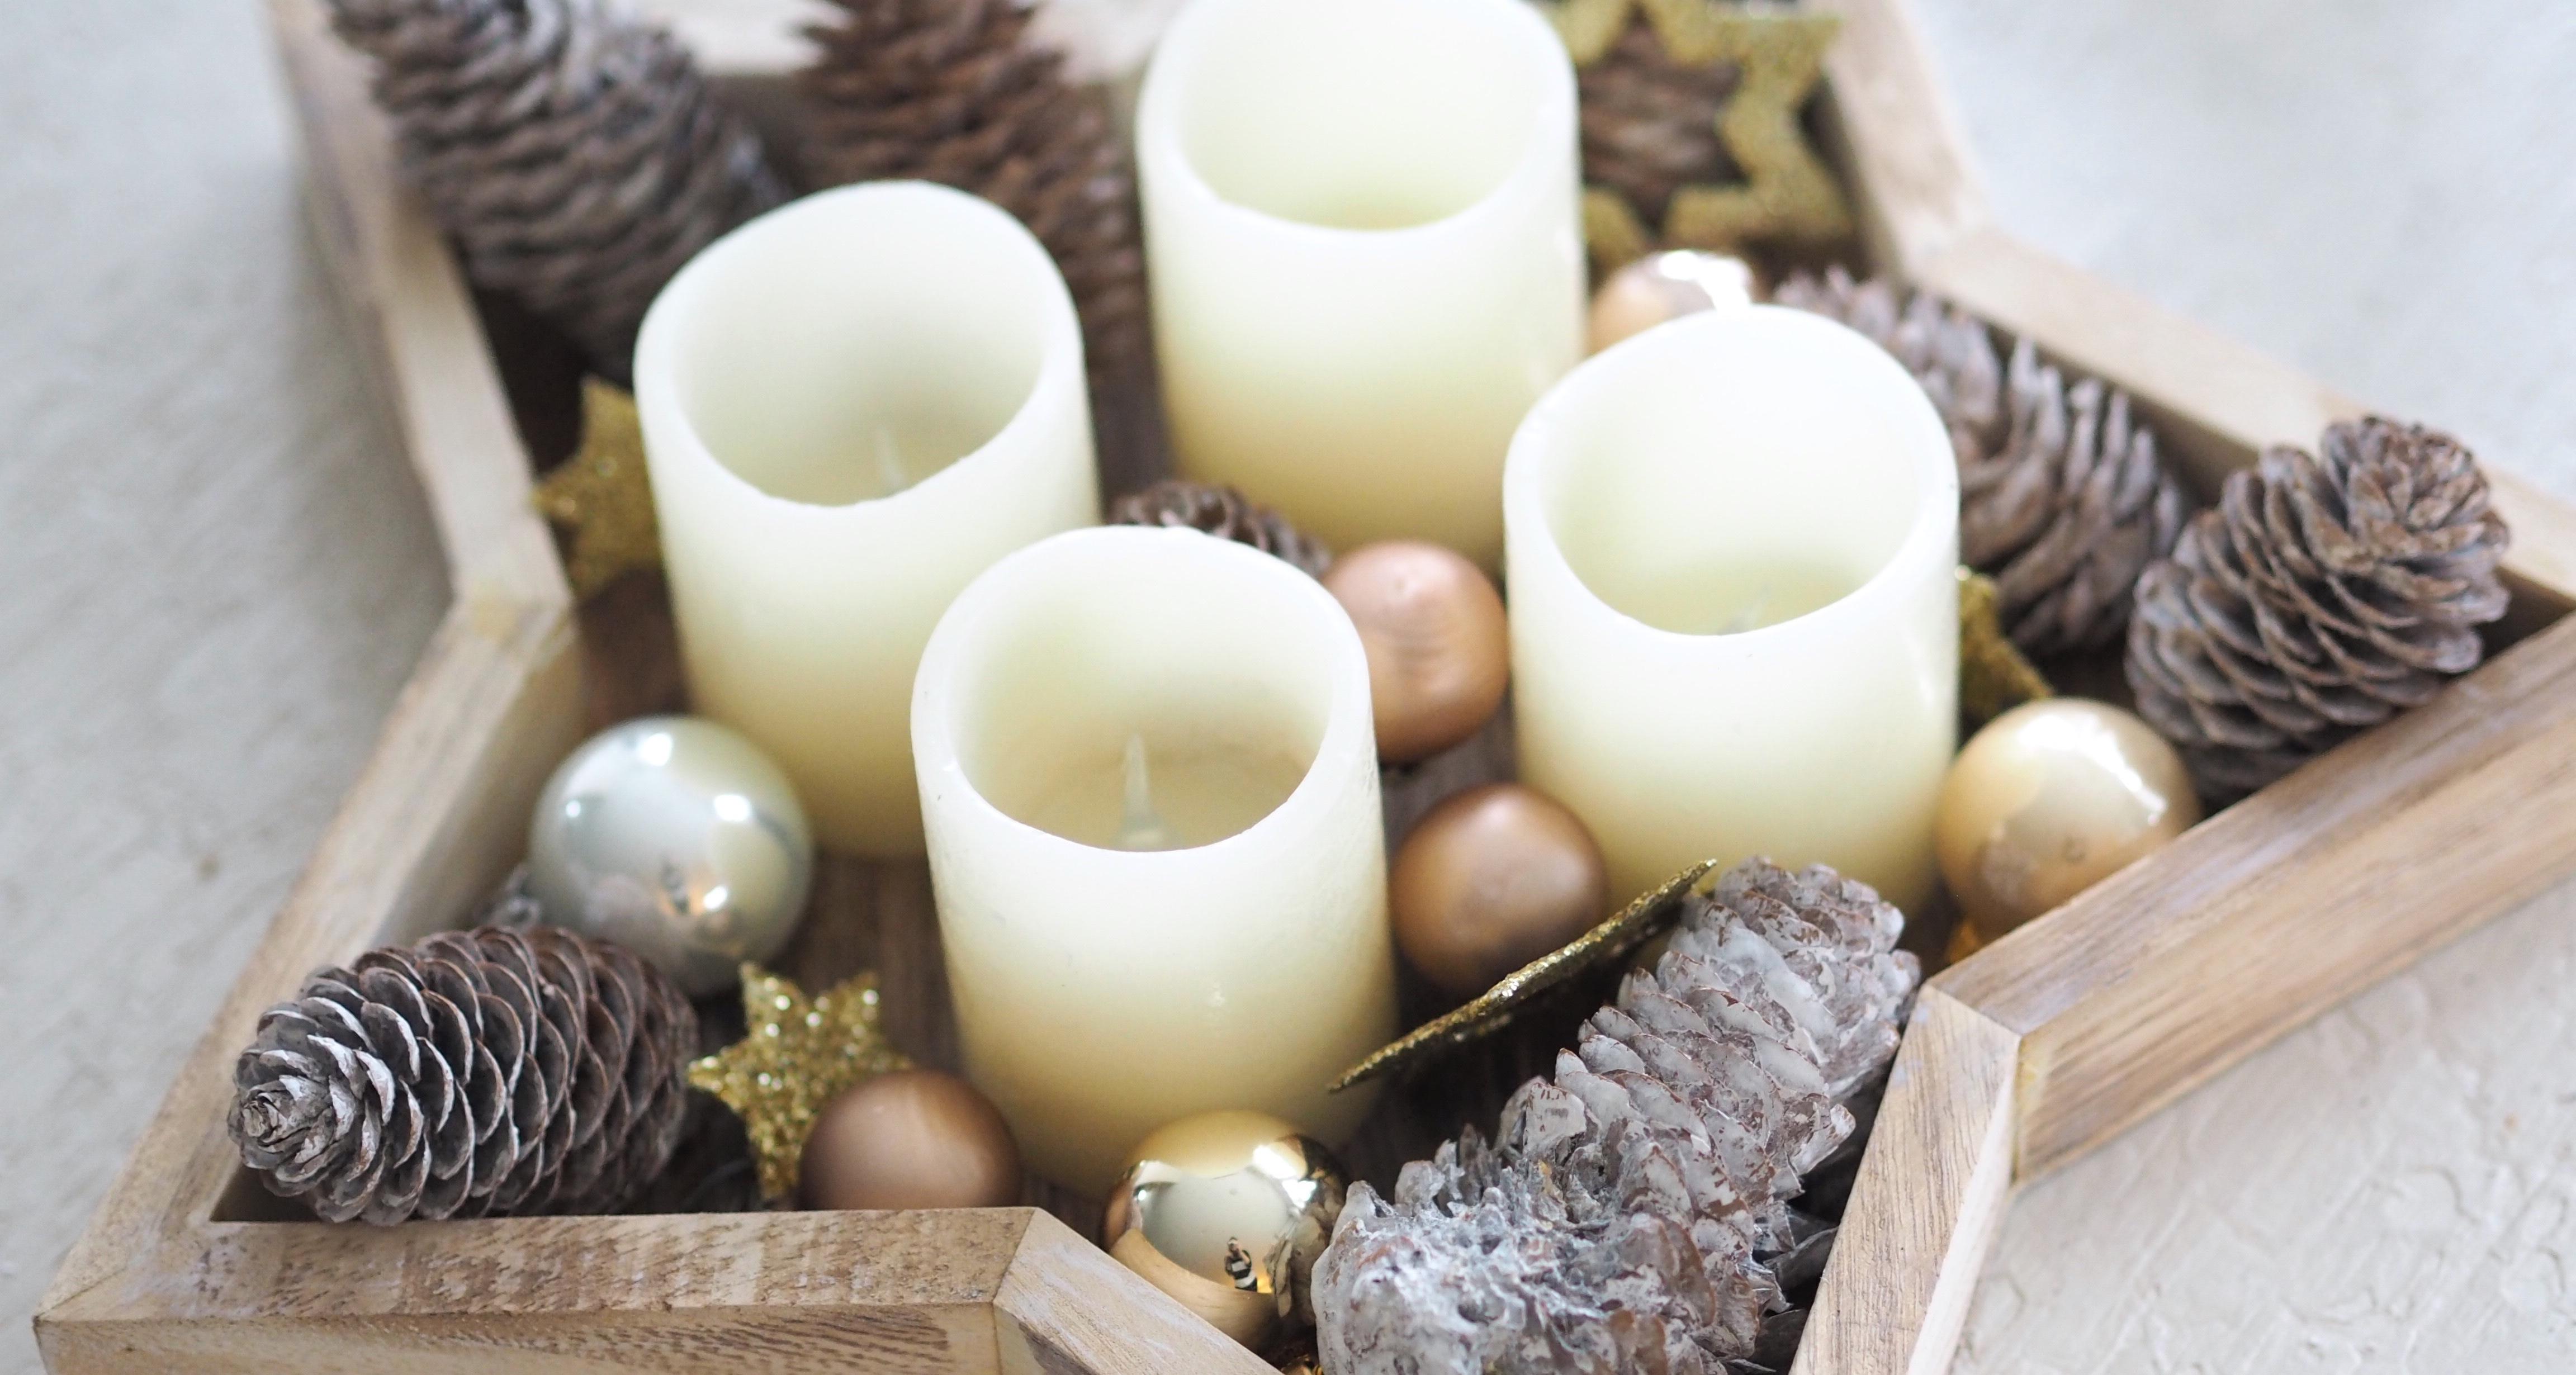 Weihnachten Dekodieren mit Lidl, SantaClara, Weihnachtenistfüralle